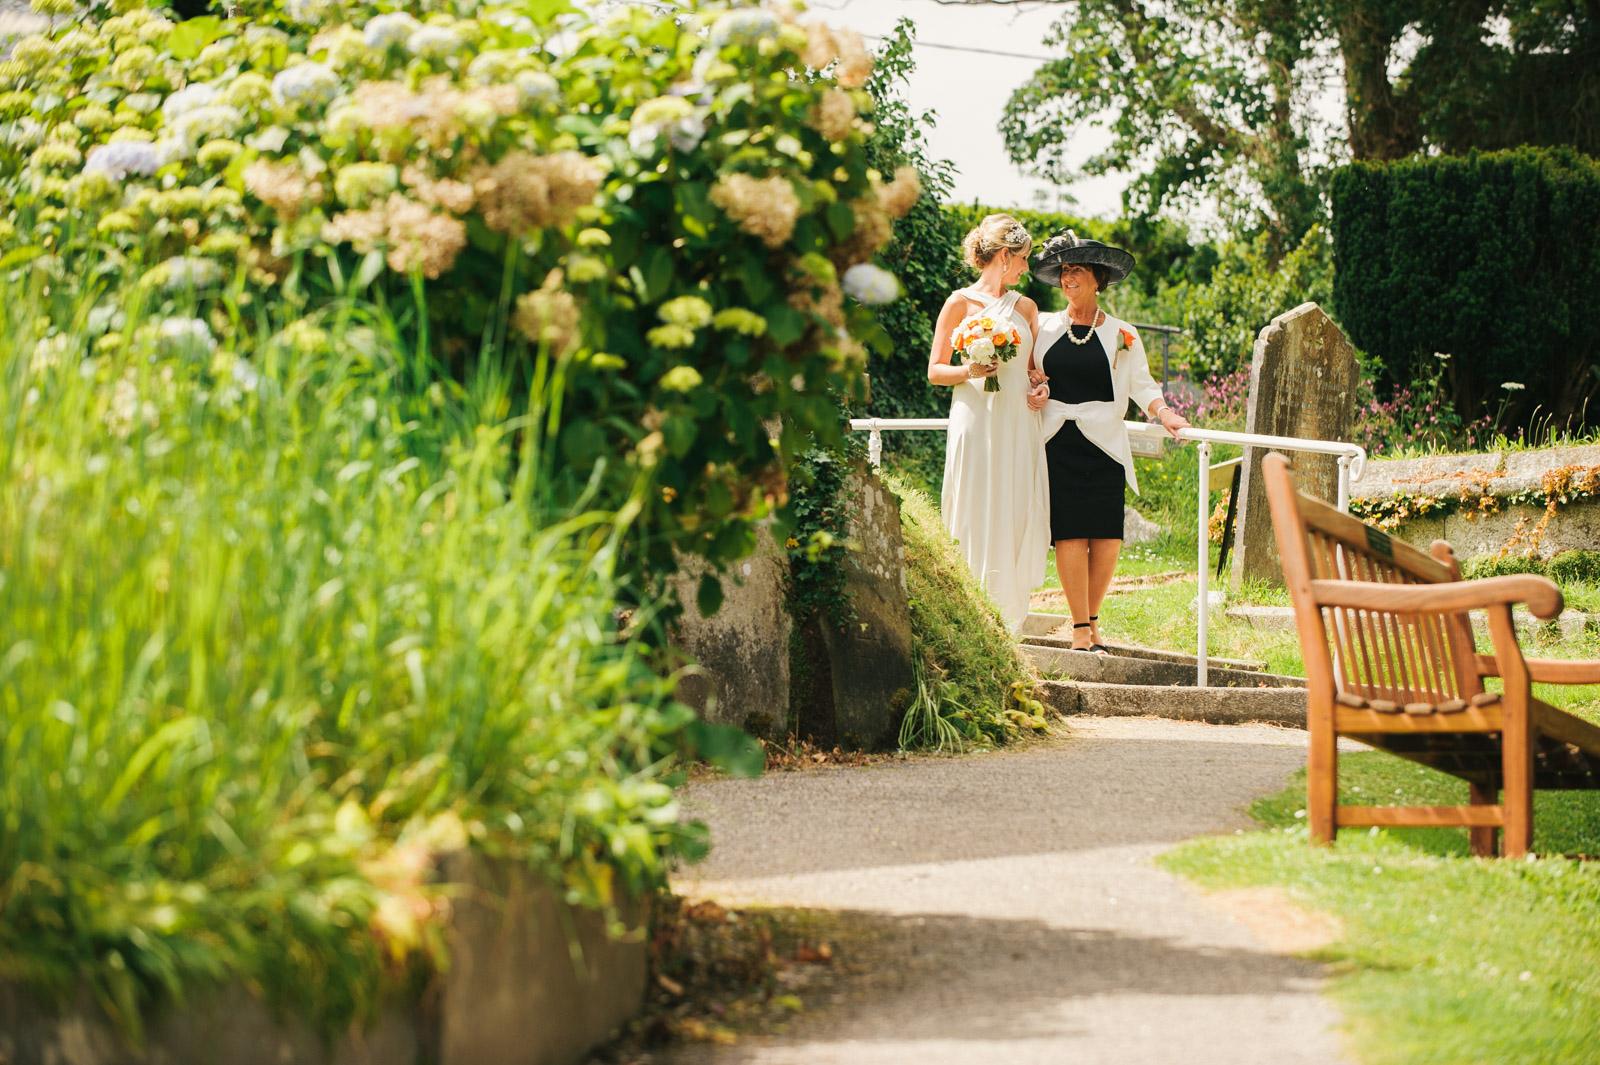 mylor-church-wedding-29.jpg